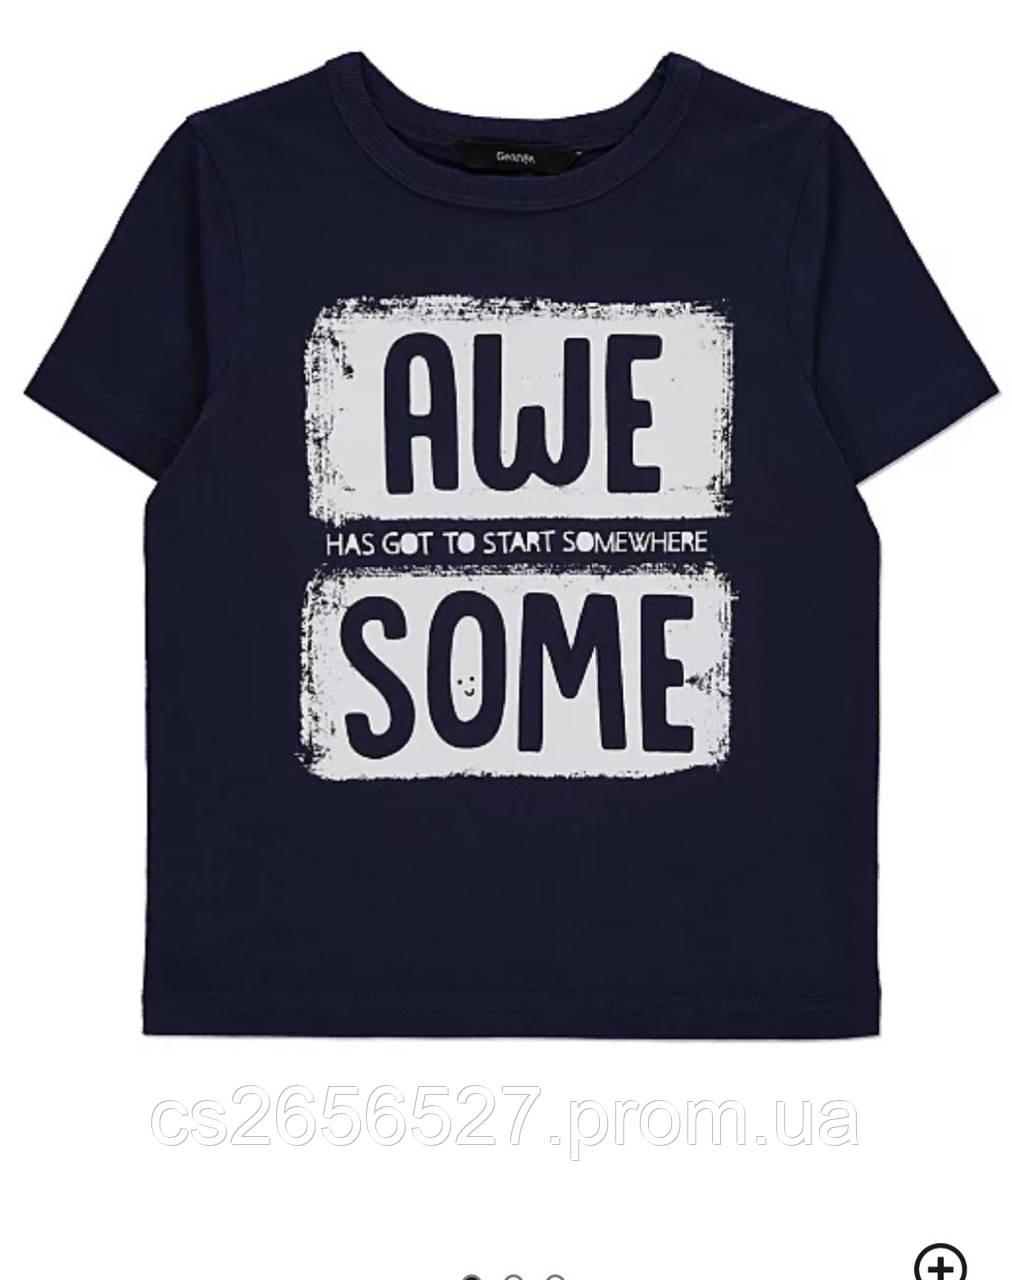 Детская футболка для мальчика, George